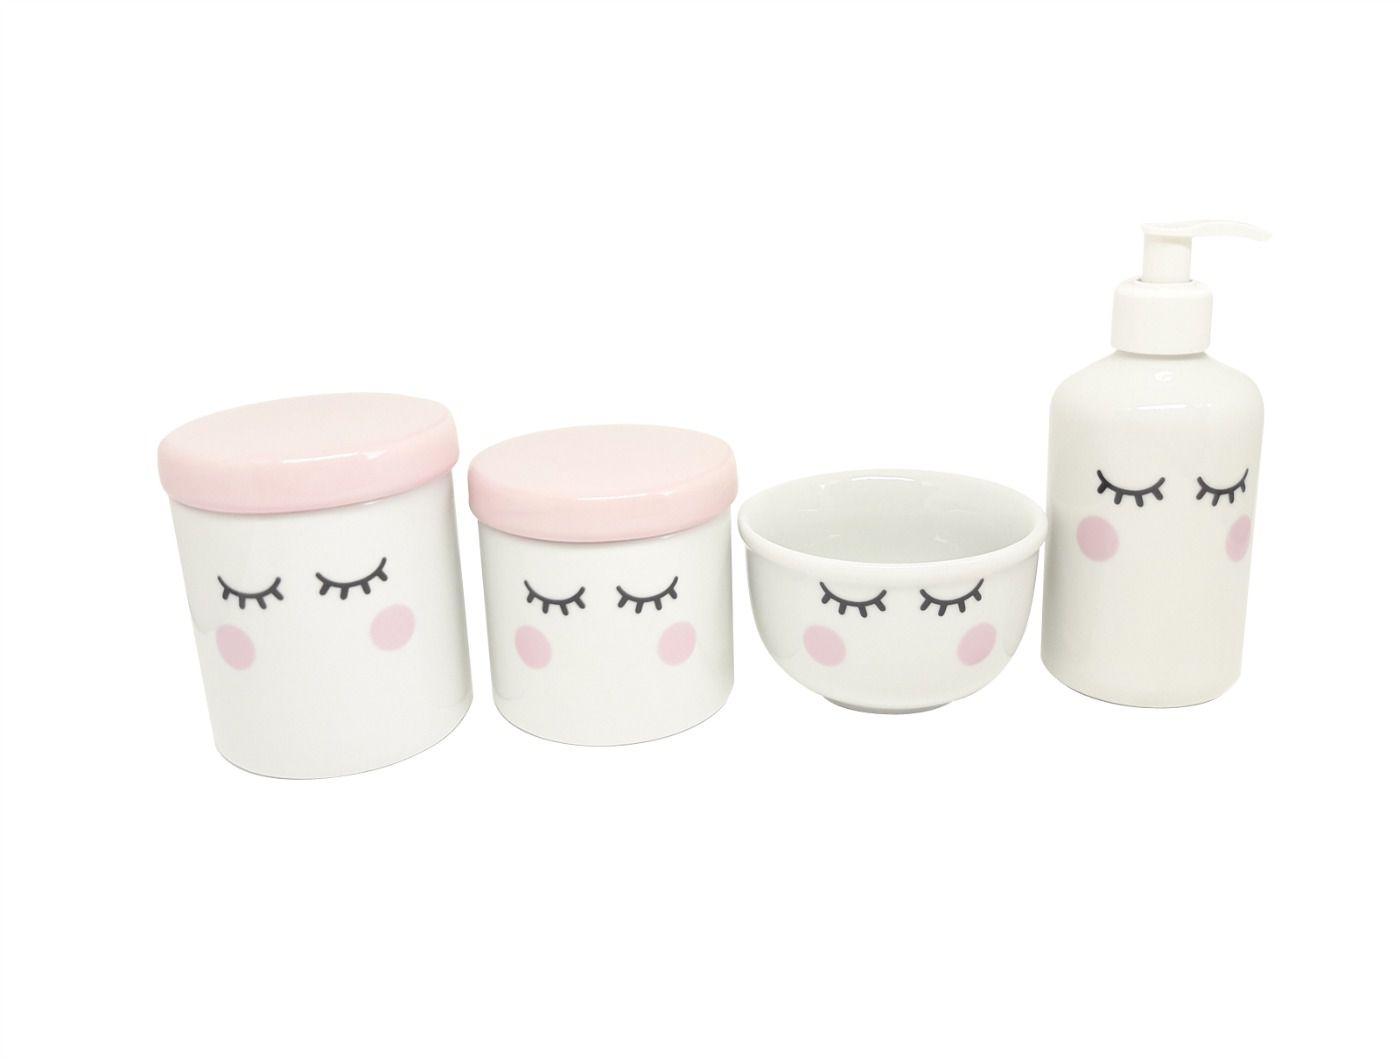 Kit Higiene Bebê Porcelana | Olhinhos Cílios com Tampas Rosa Bebê| 4 peças